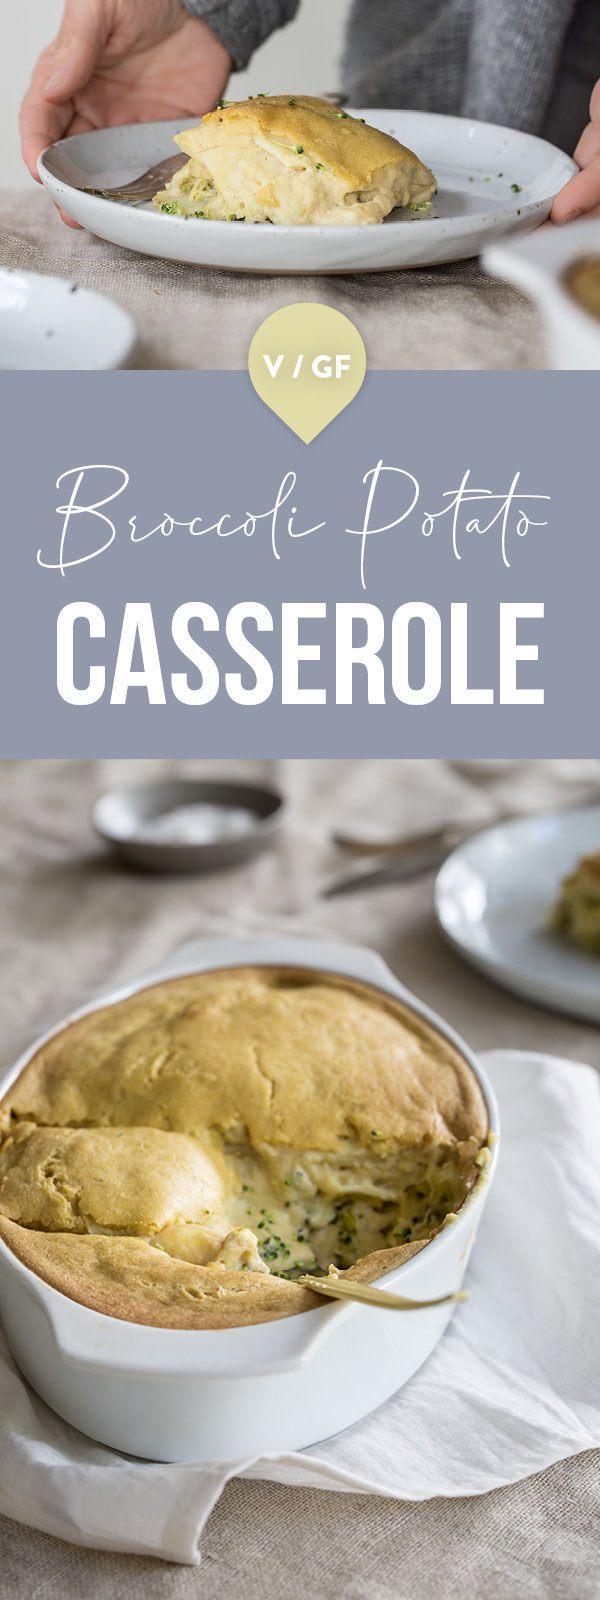 broccoli potato casserole pin